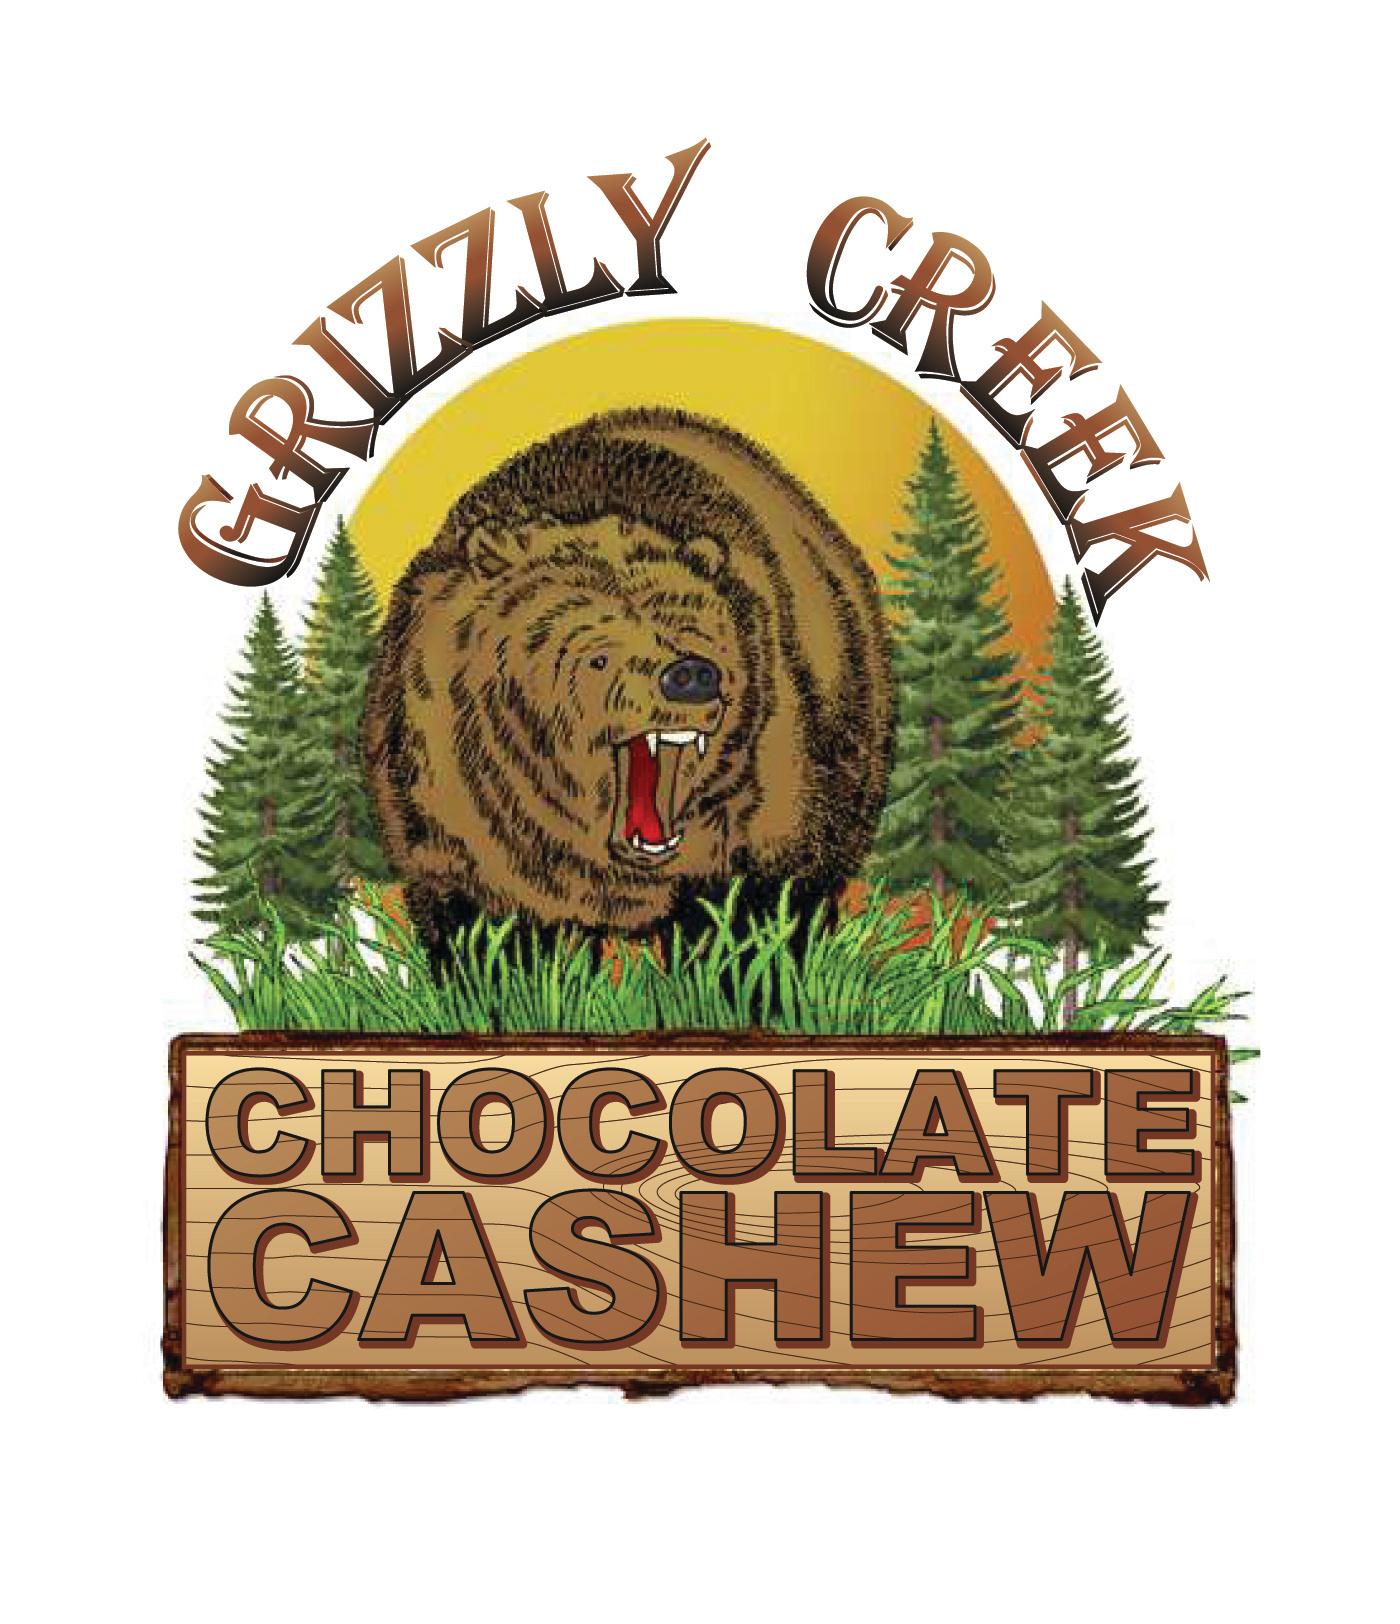 Grizzly Creek Chocolate Cashew